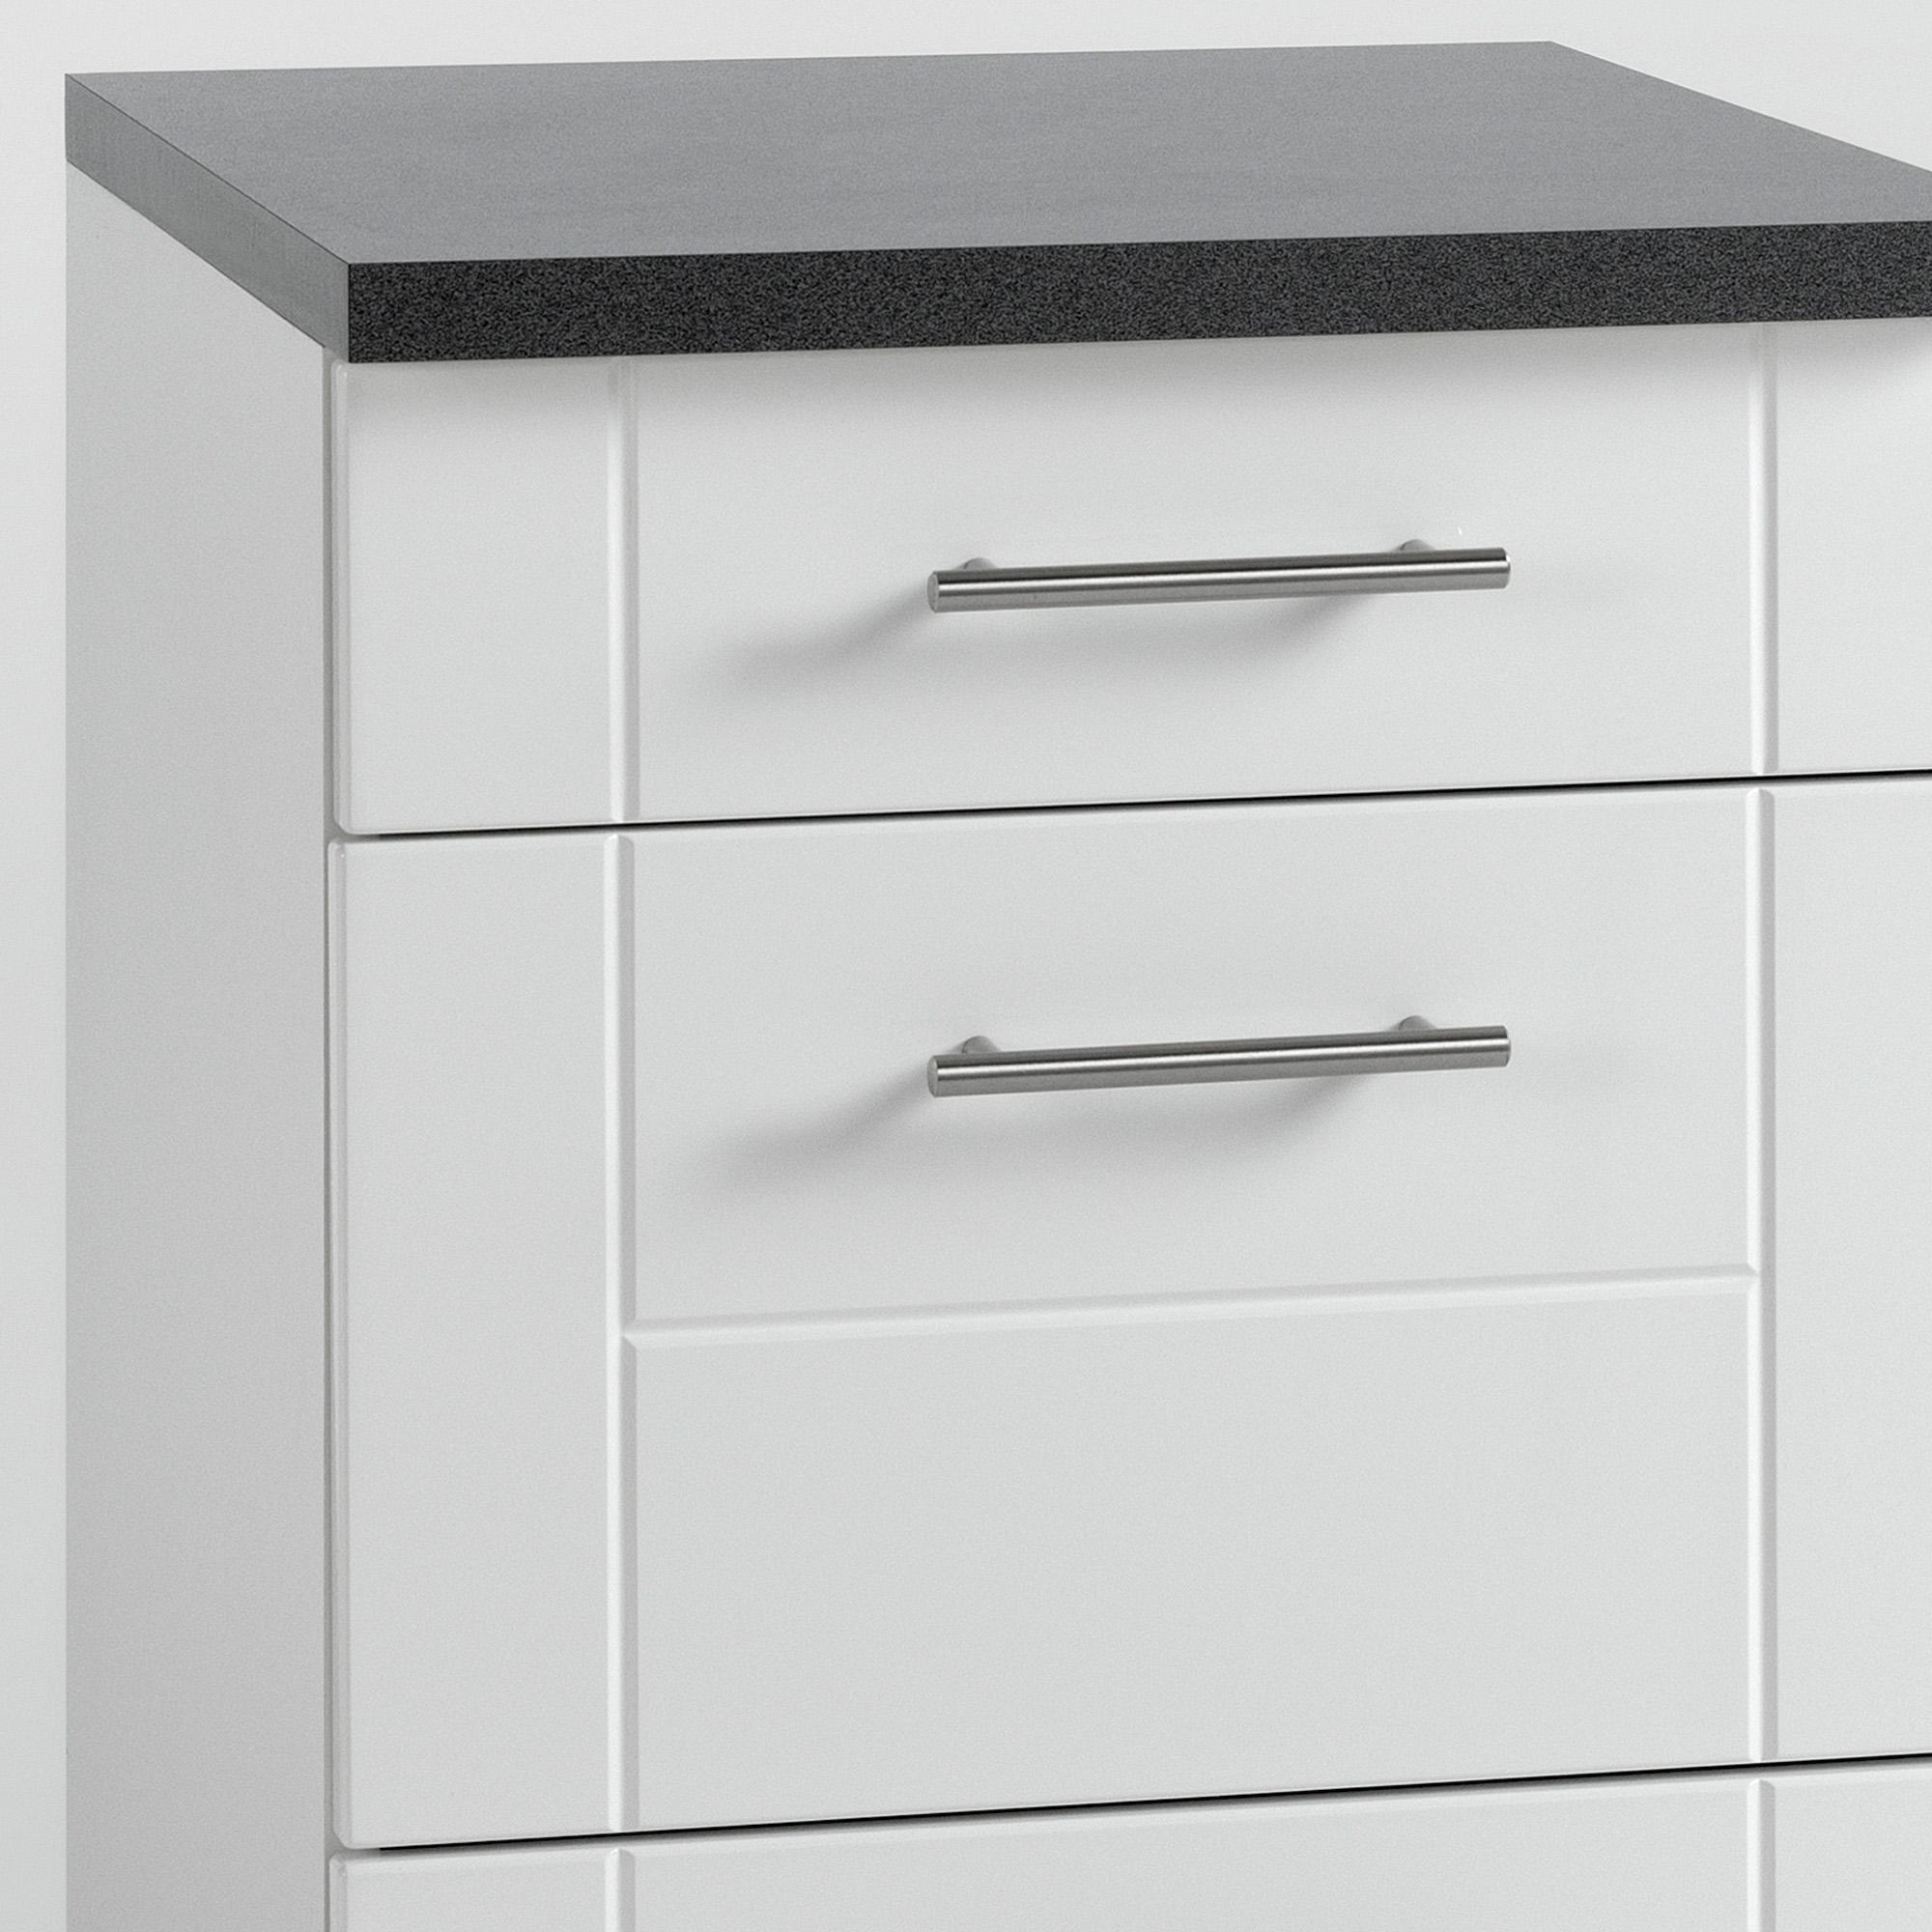 Küchen-Unterschrank NEVADA - 17 Schubladen - 17 cm breit - Hochglanz Weiß